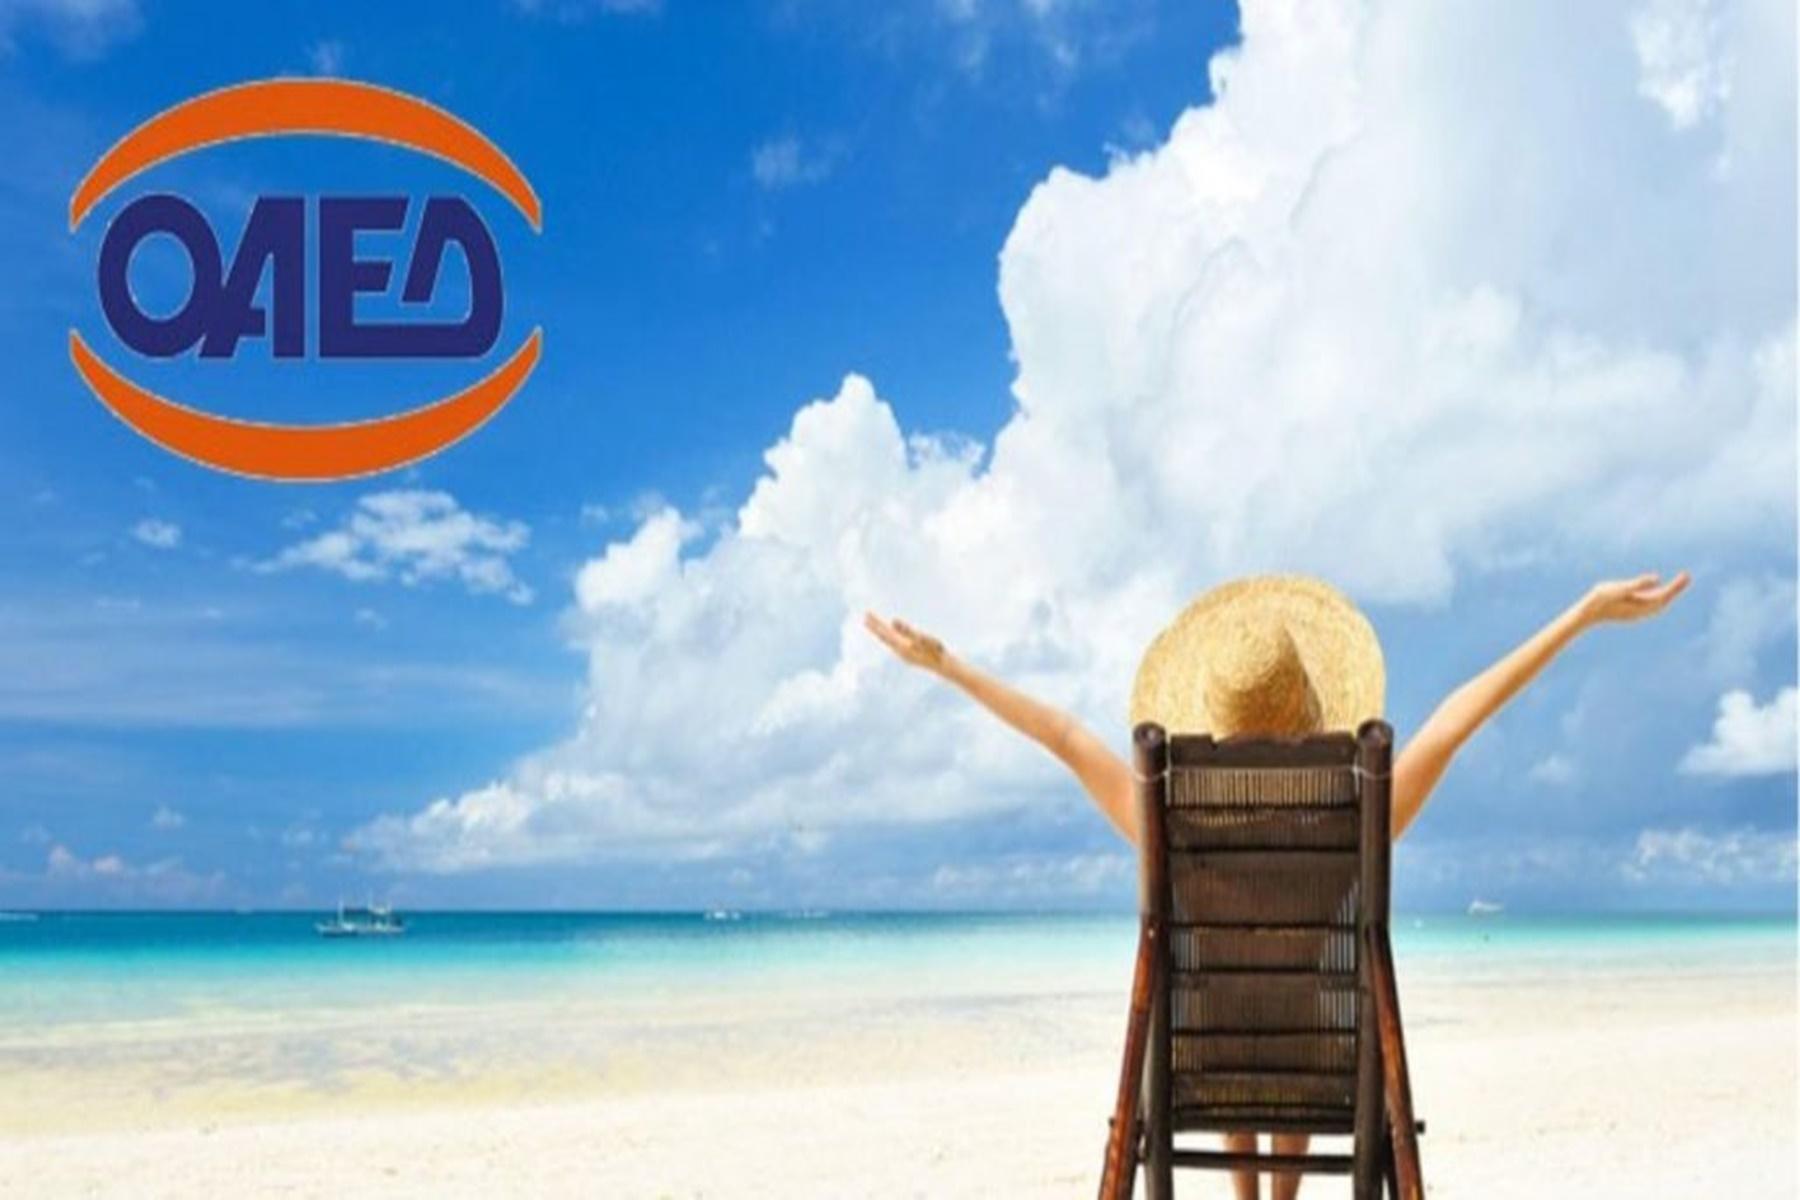 ΟΑΕΔ Κοινωνικός τουρισμός : Ενεργοποιήθηκαν ήδη 38.000 επιταγές